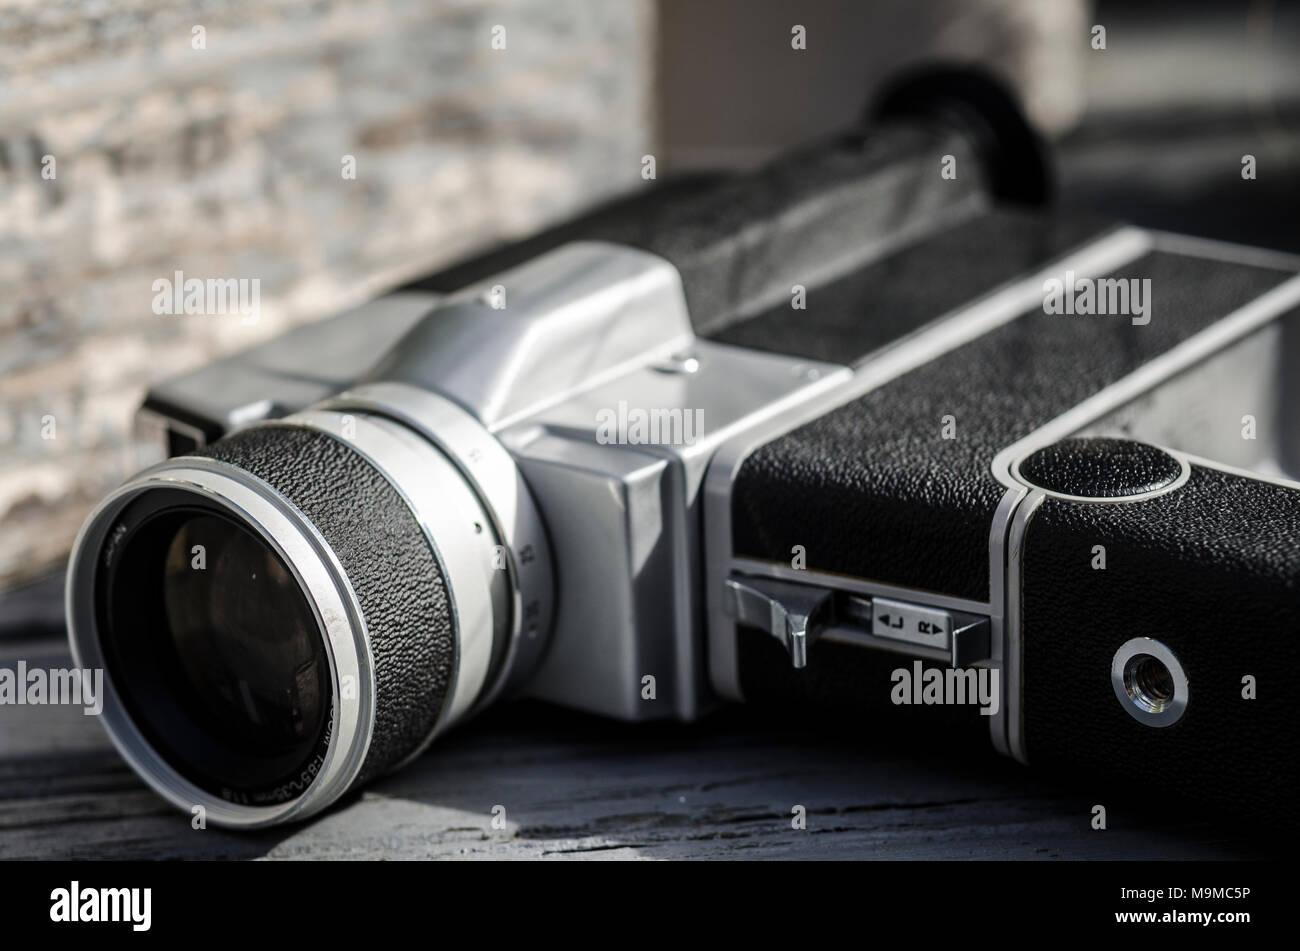 La milbemectina viejo Super 8 cámara de película de cine, la milbemectina Seiki fue fundada en Japón 1946 Imagen De Stock